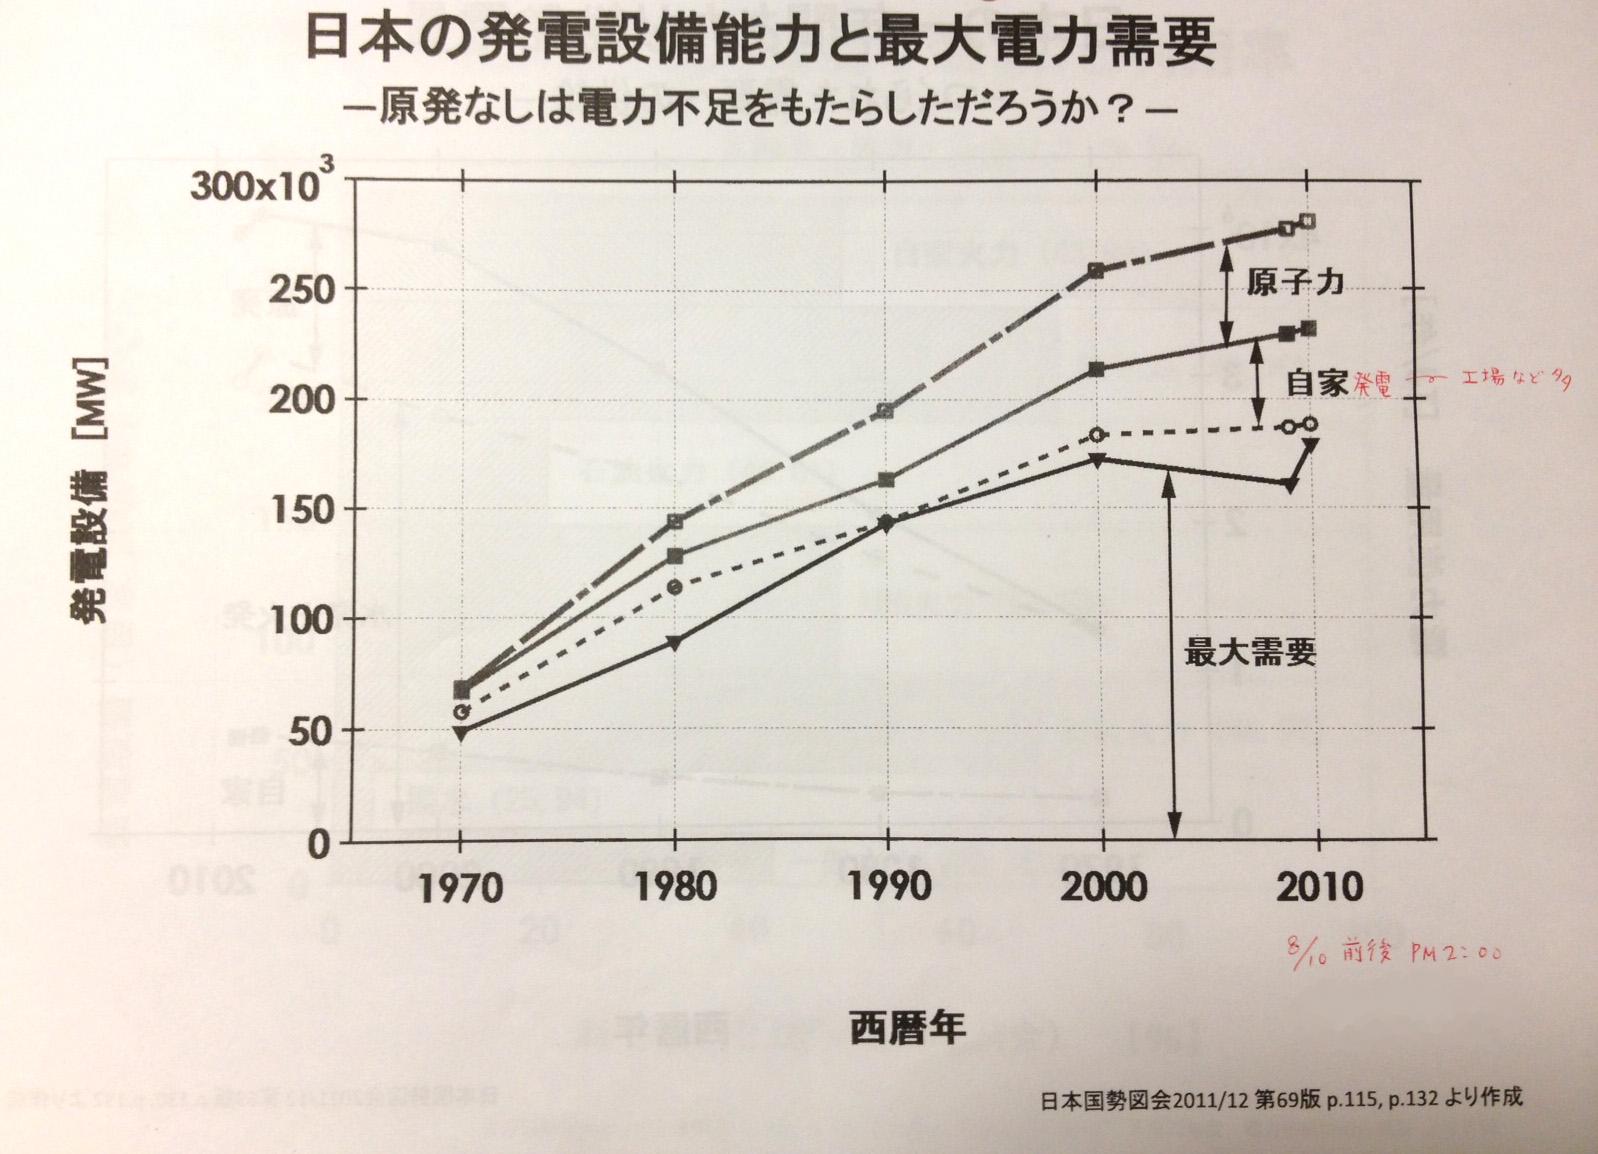 オイコスフォーラム連続セミナー 第3期その5 日本の発電設備能力_b0274159_2163854.jpg